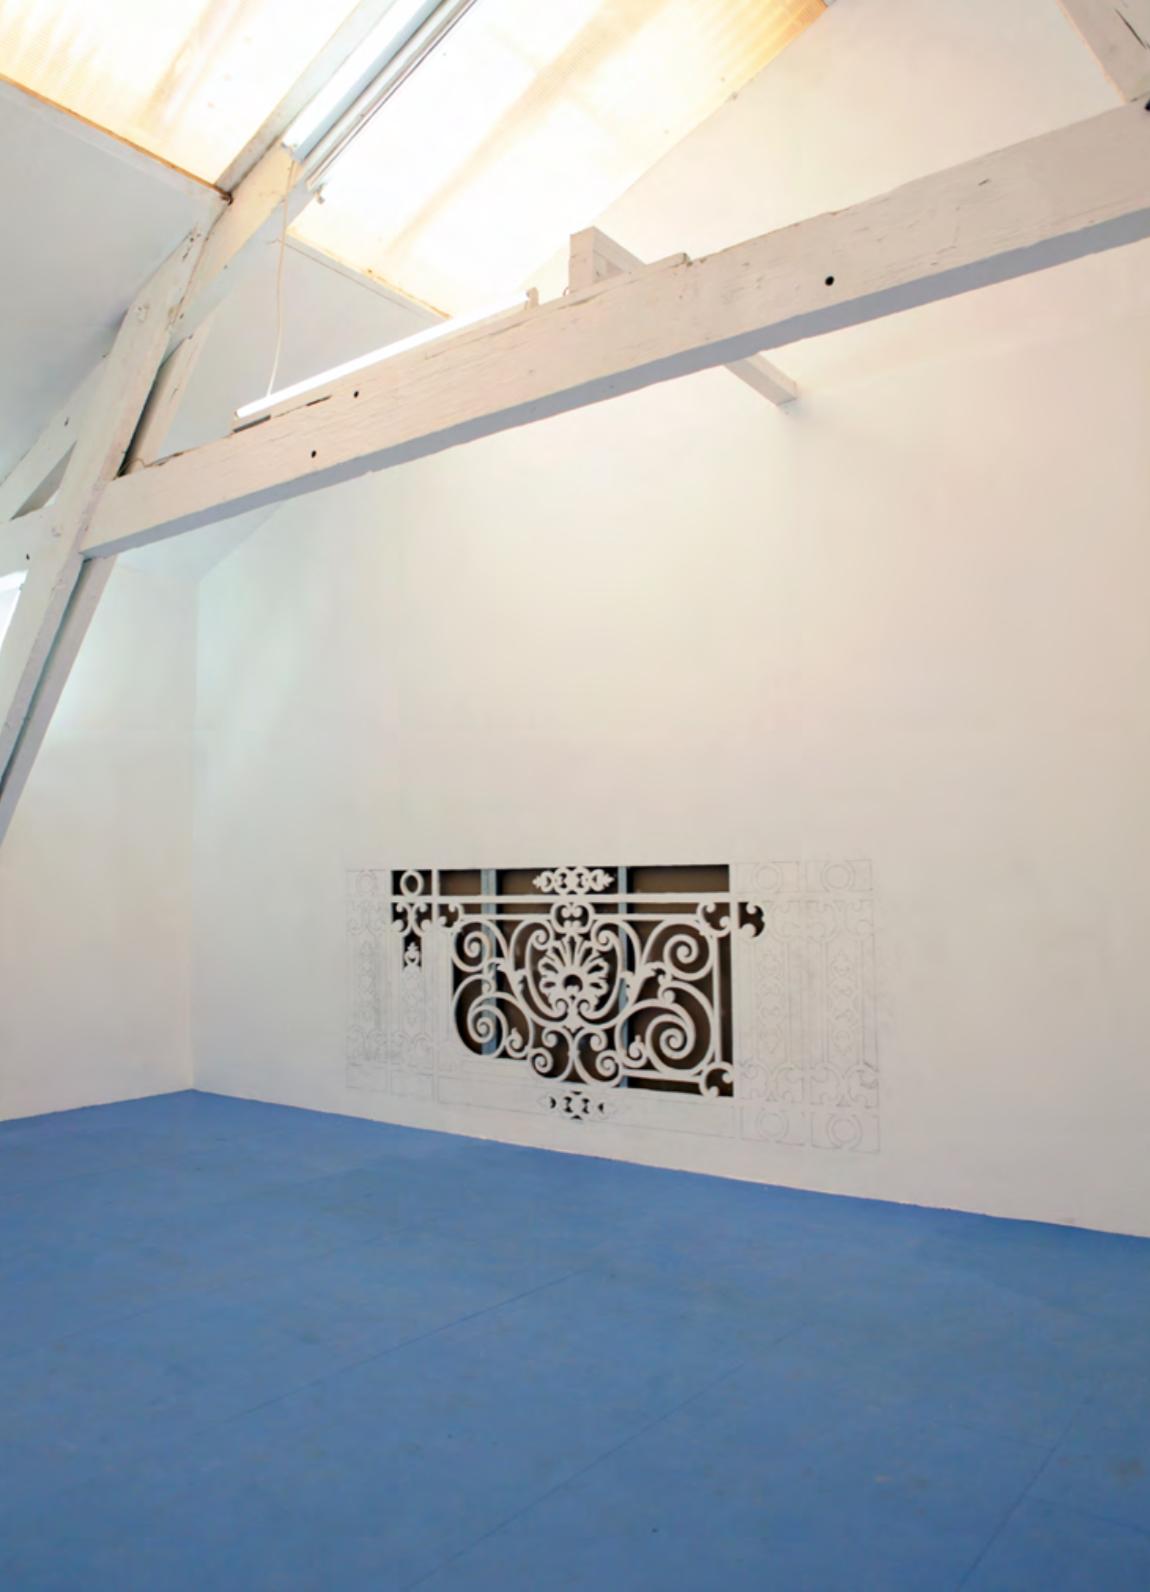 Quelque chose dont j'ai eu conscience, mais que j'ai oublié depuis , 2017, Artist Run Space Mutatio, Ateliers Aimé Delru, Nantes, 200x95cm